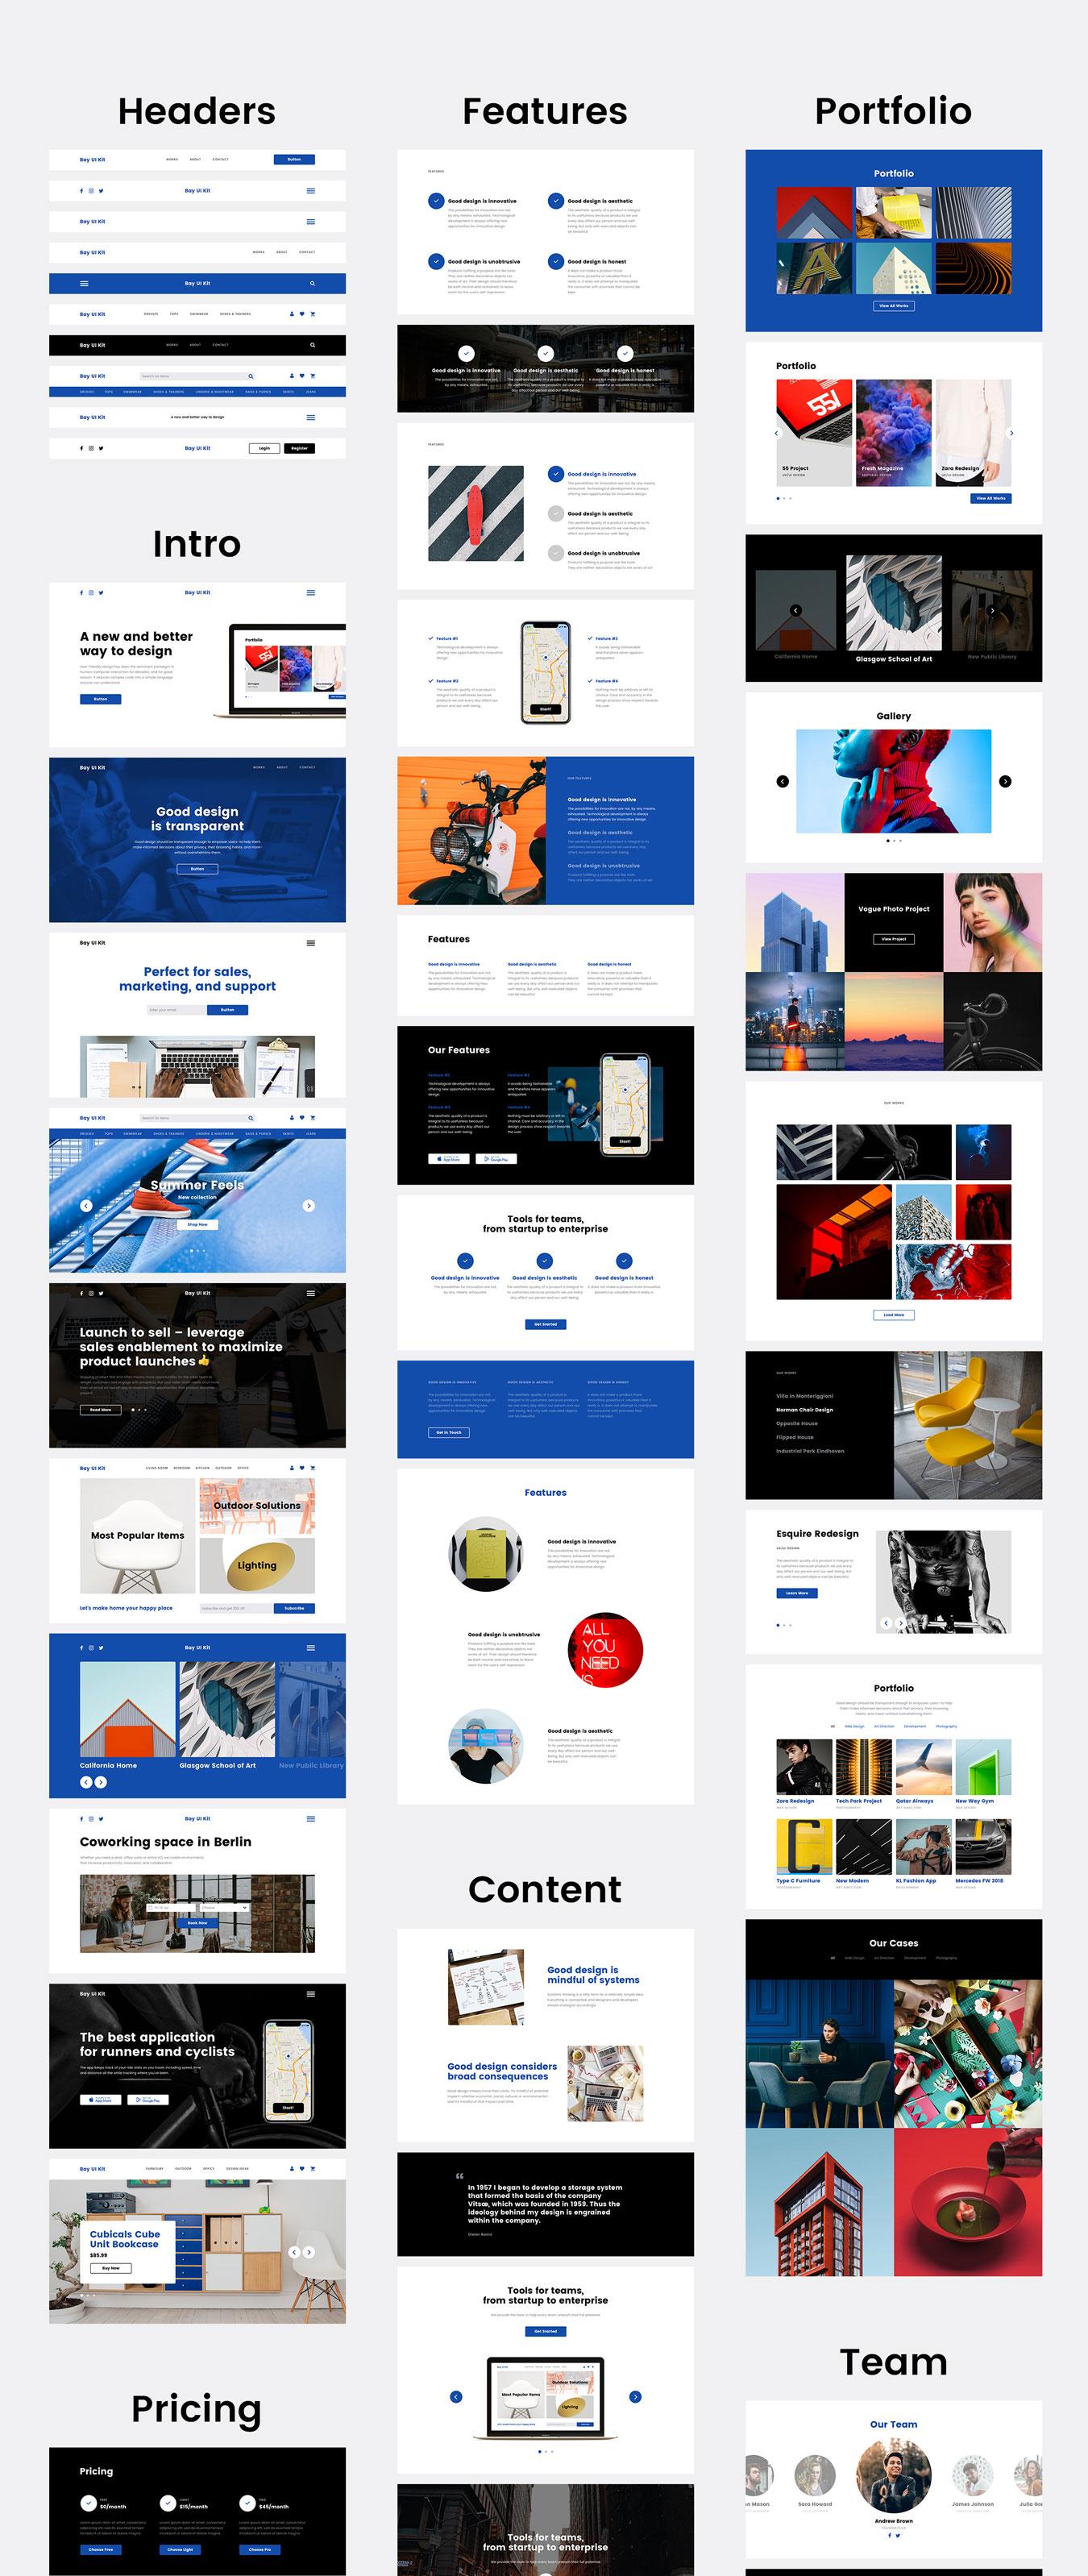 现代简约摄影设计工作室WEB网站UI界面设计模板 Bay UI Kit插图(6)